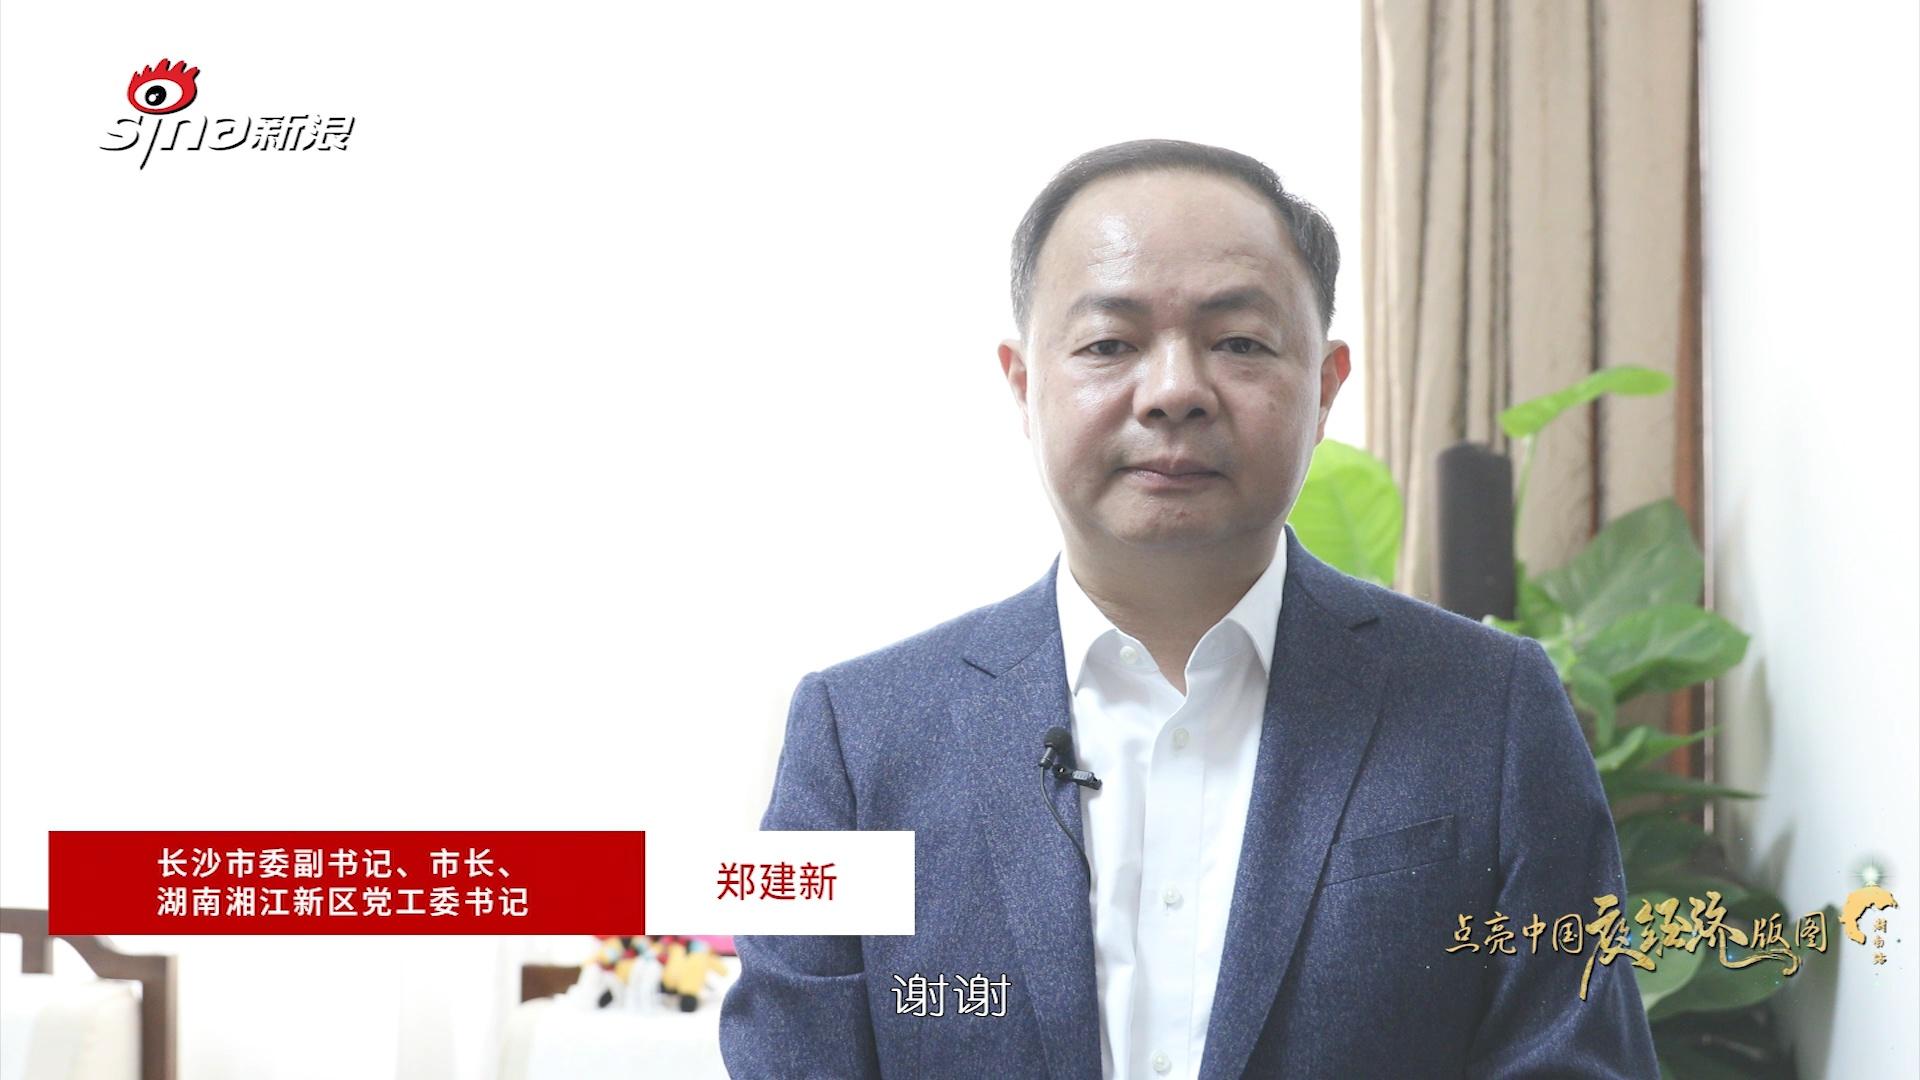 长沙市委副书记、市长、湖南湘江新区党工委书记郑建新通过视频发表致辞。